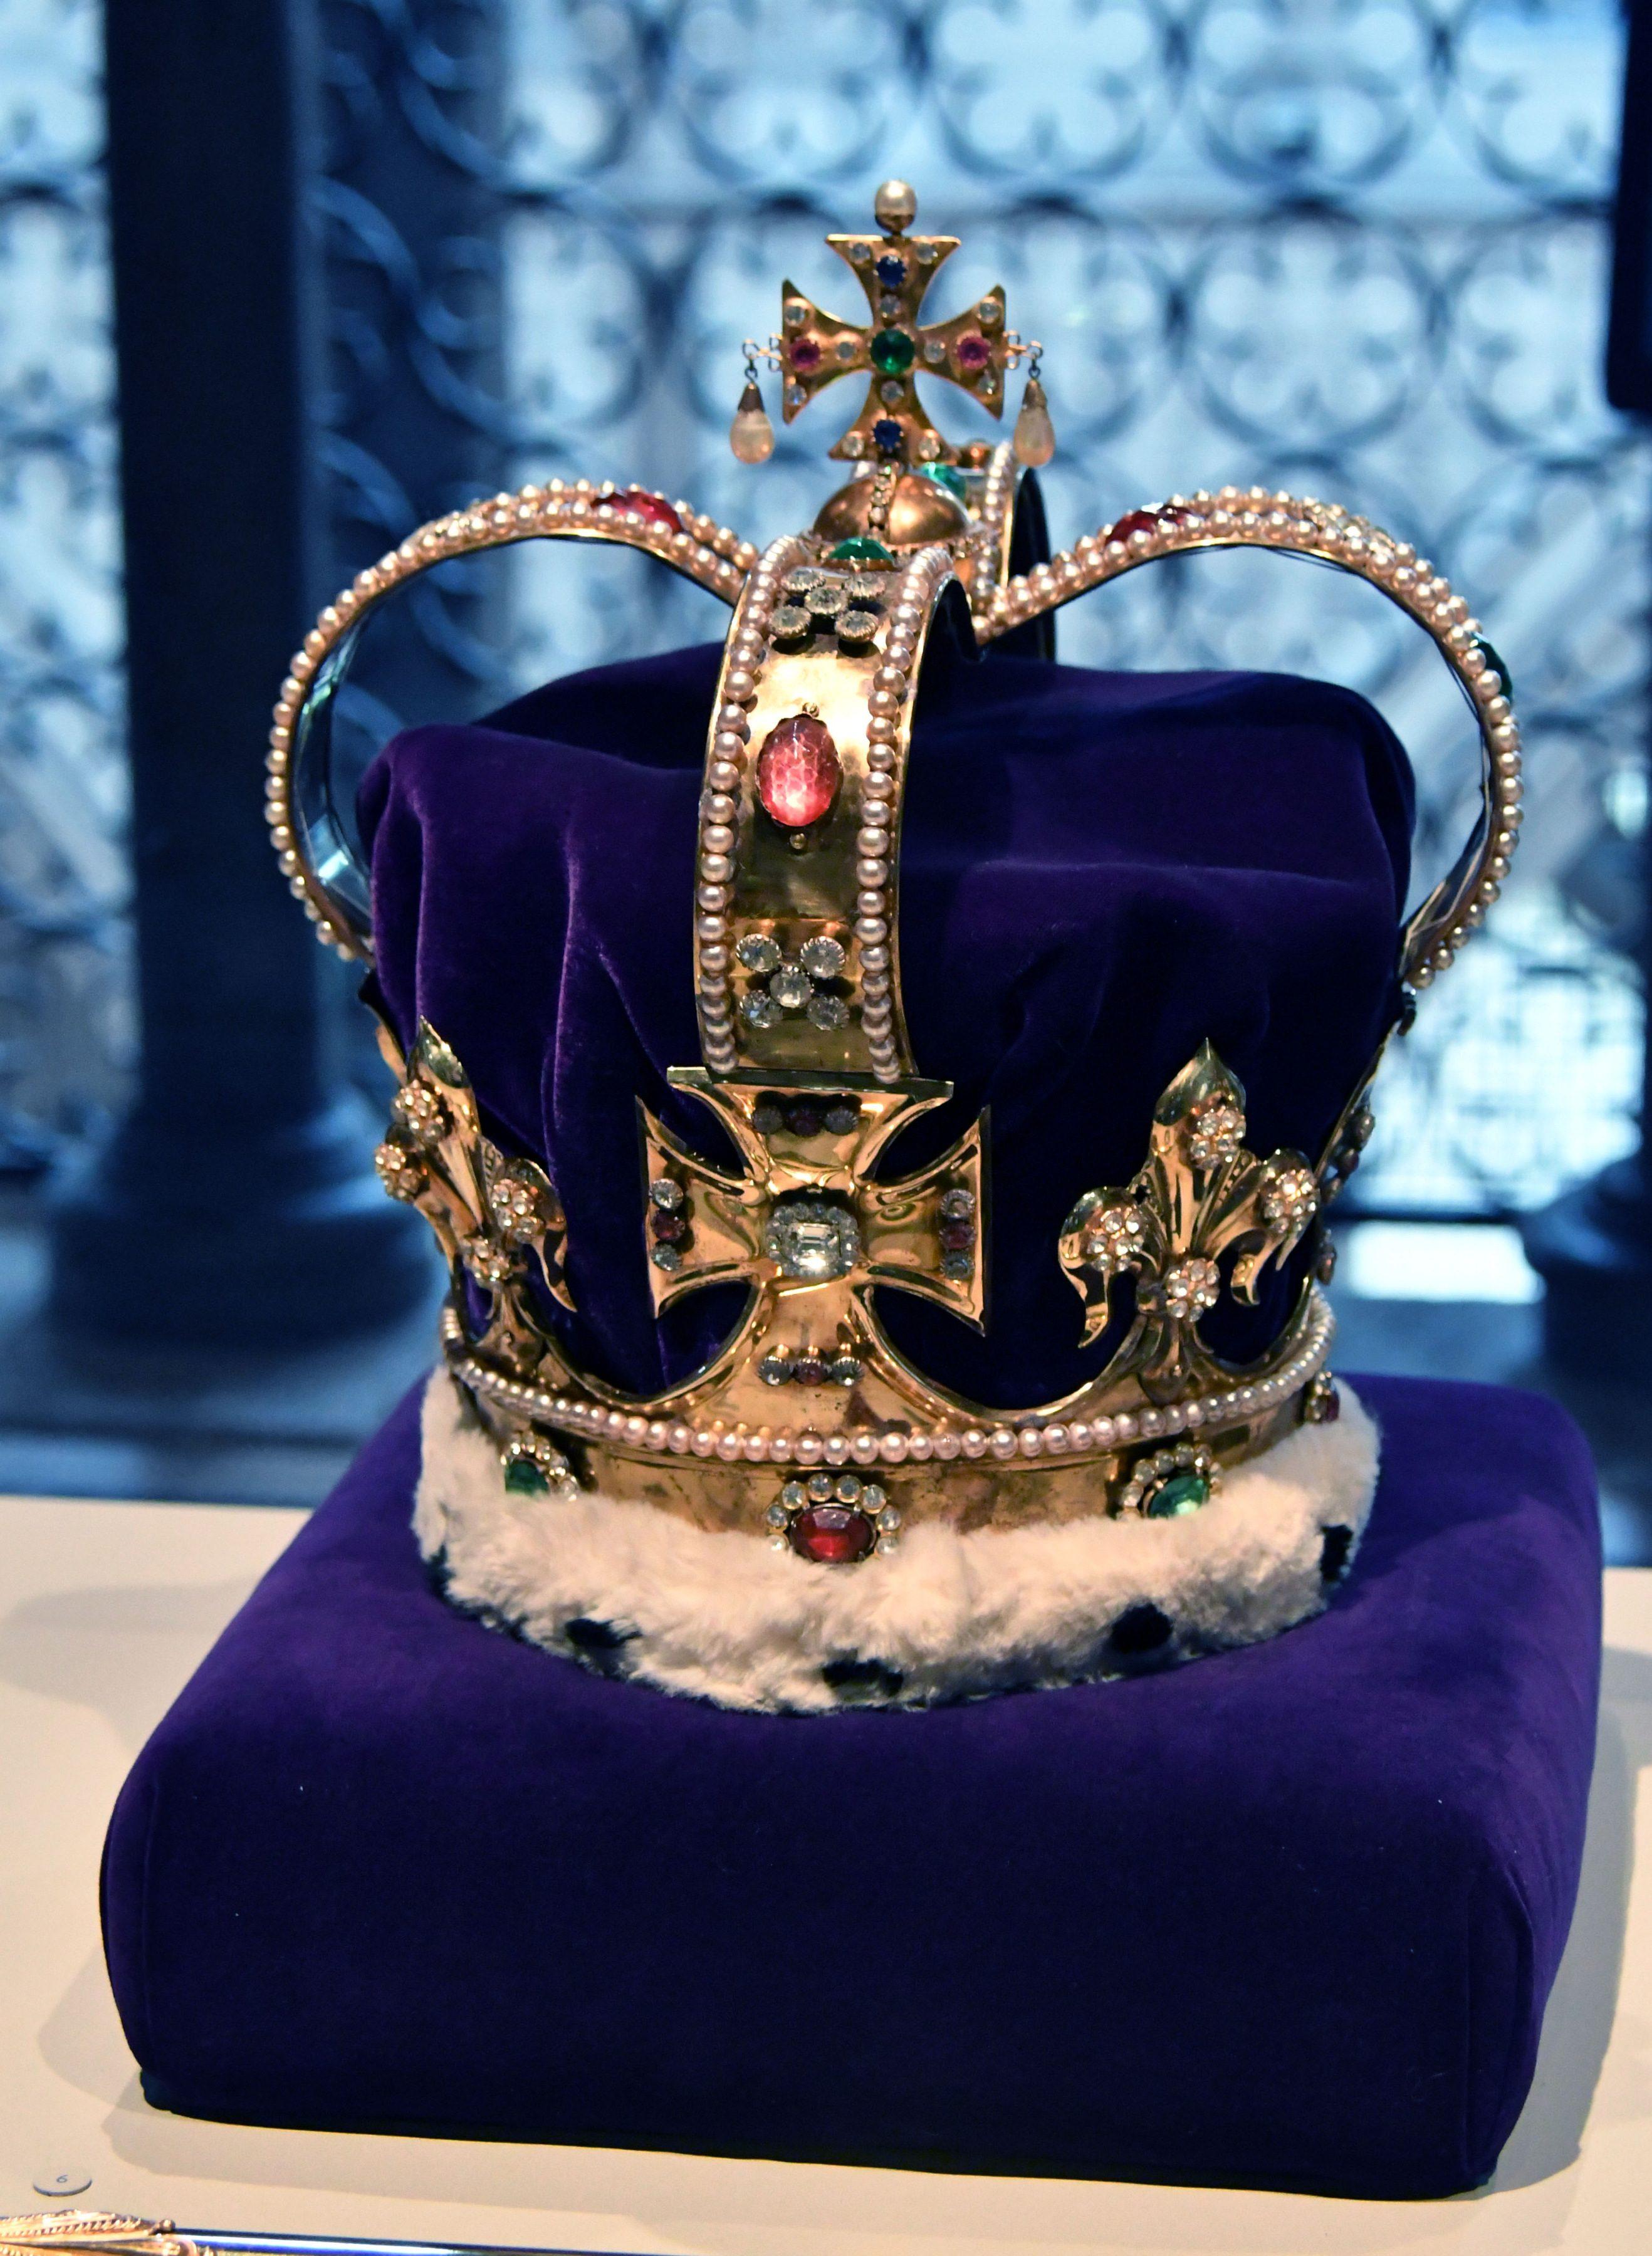 Queen Elizabeth II's diamond jubilee galleries